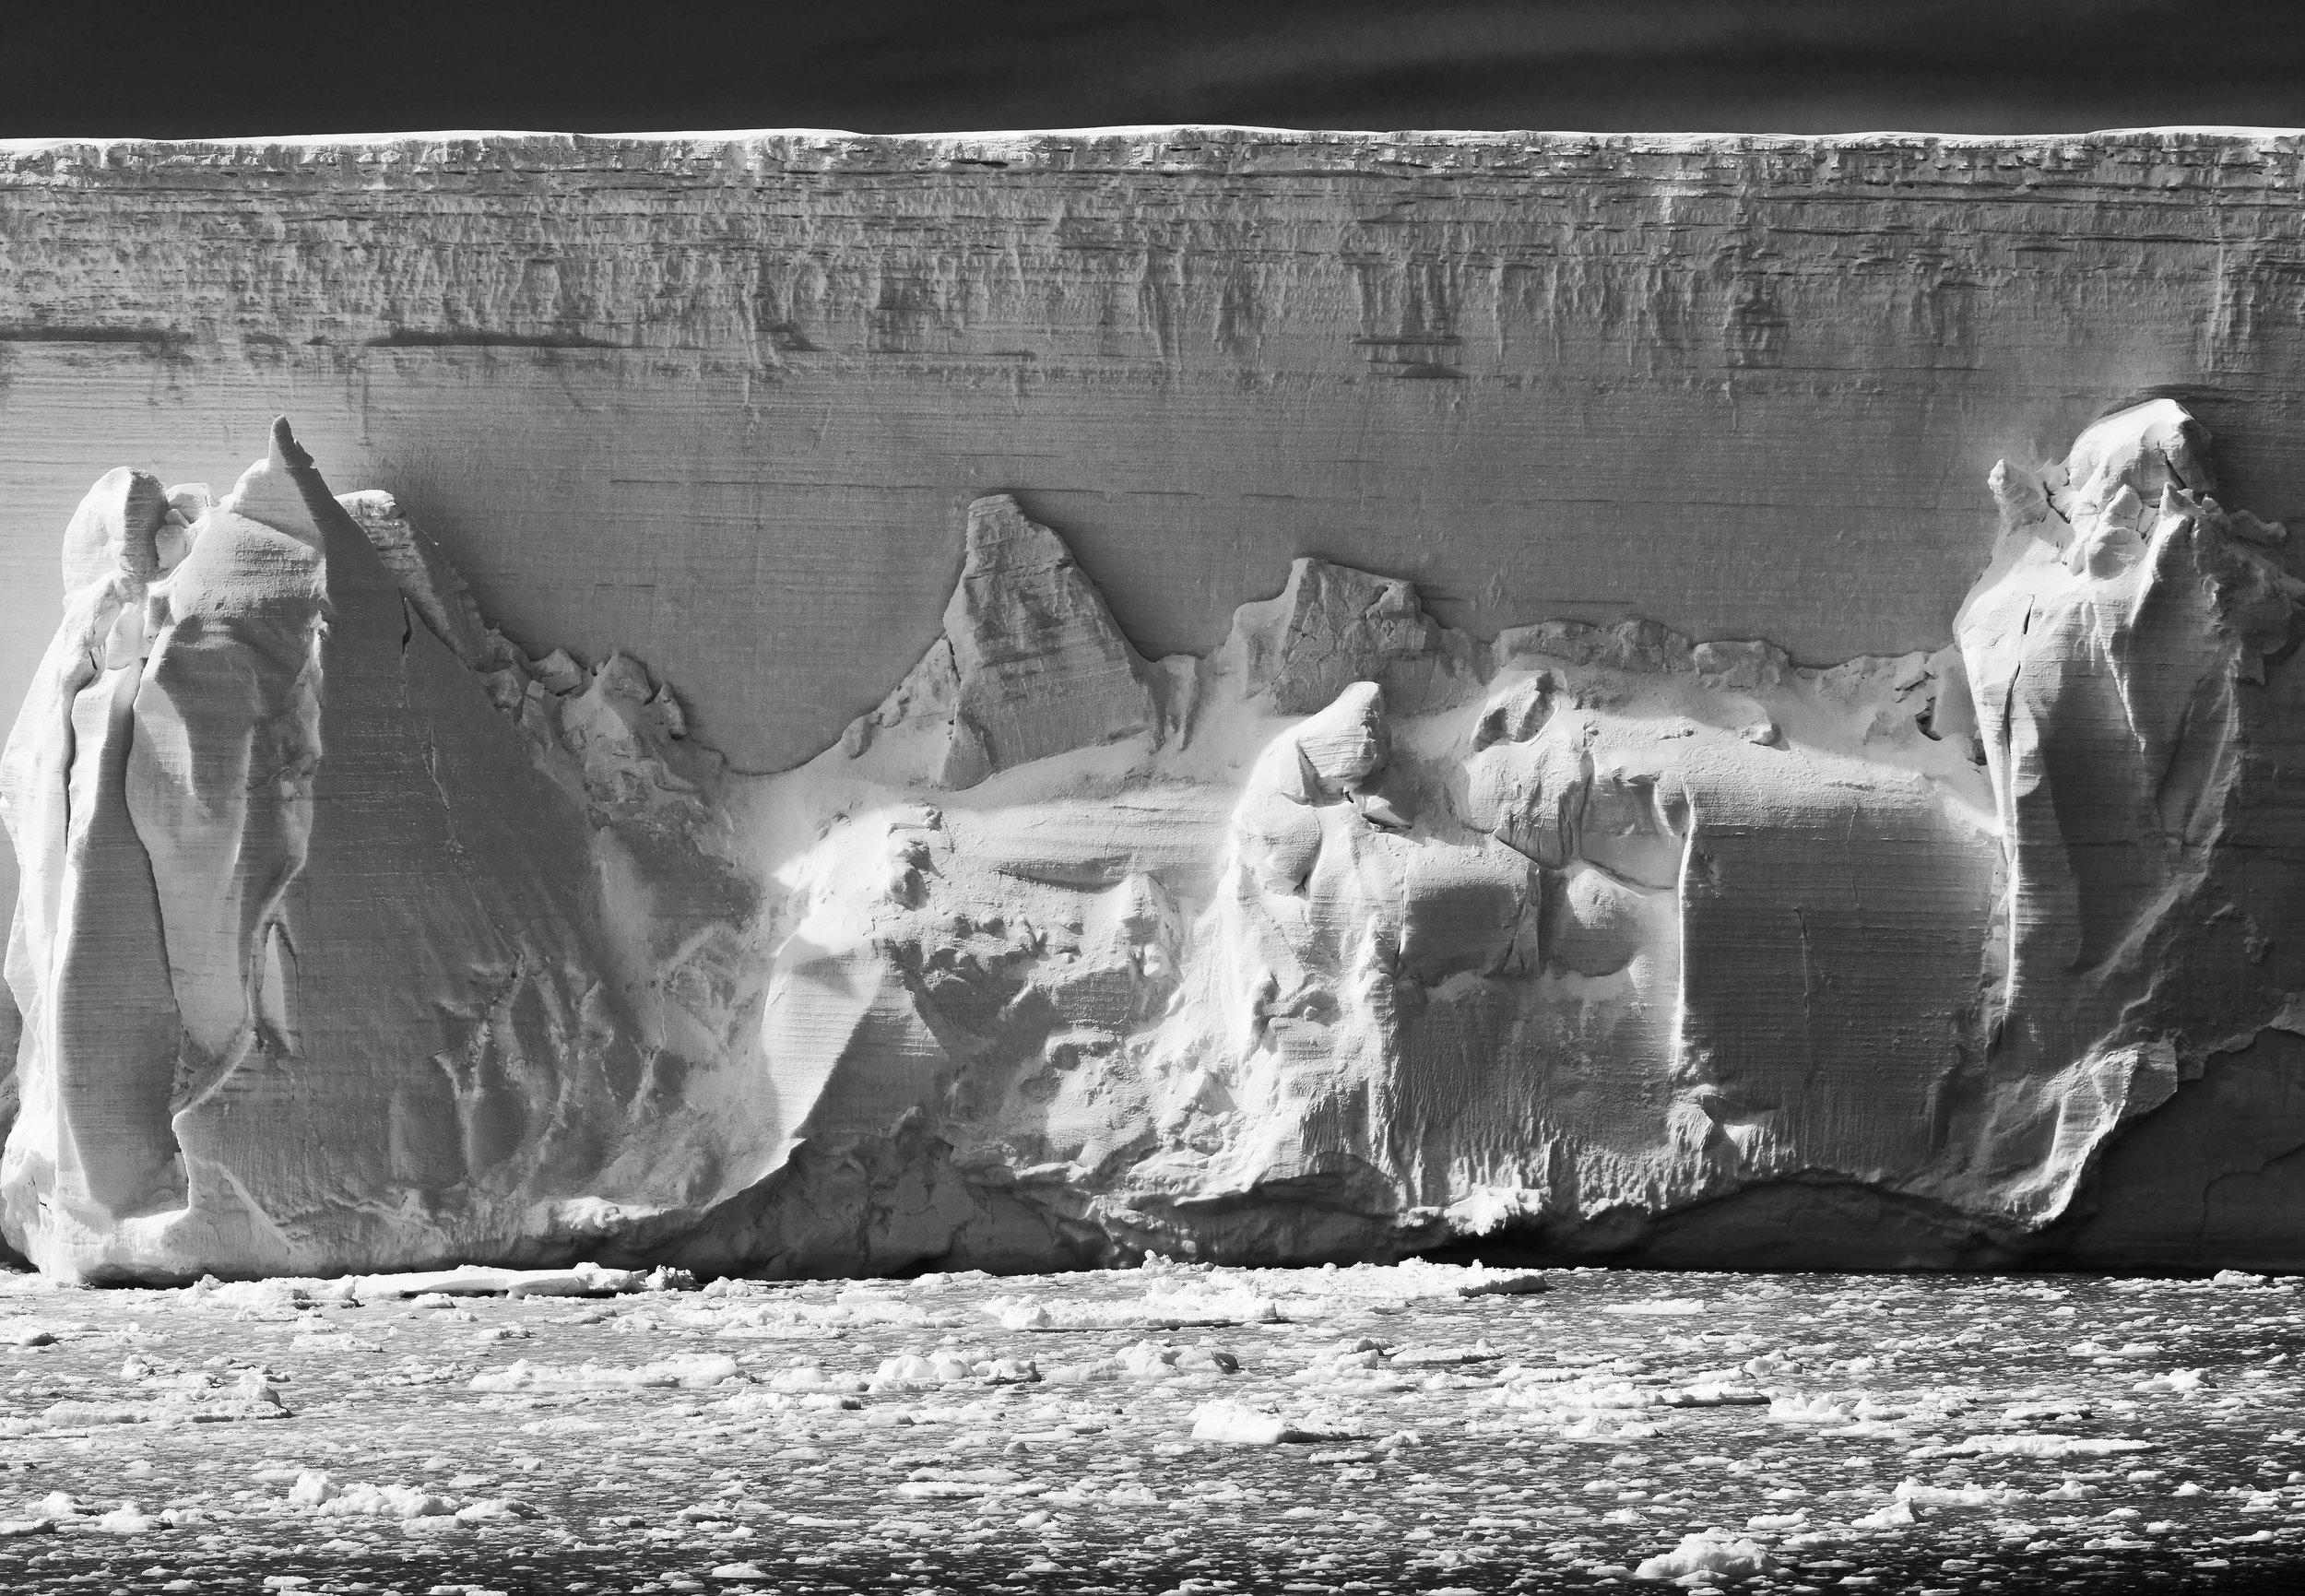 peter_geraerts_iceberg_tableau.jpg